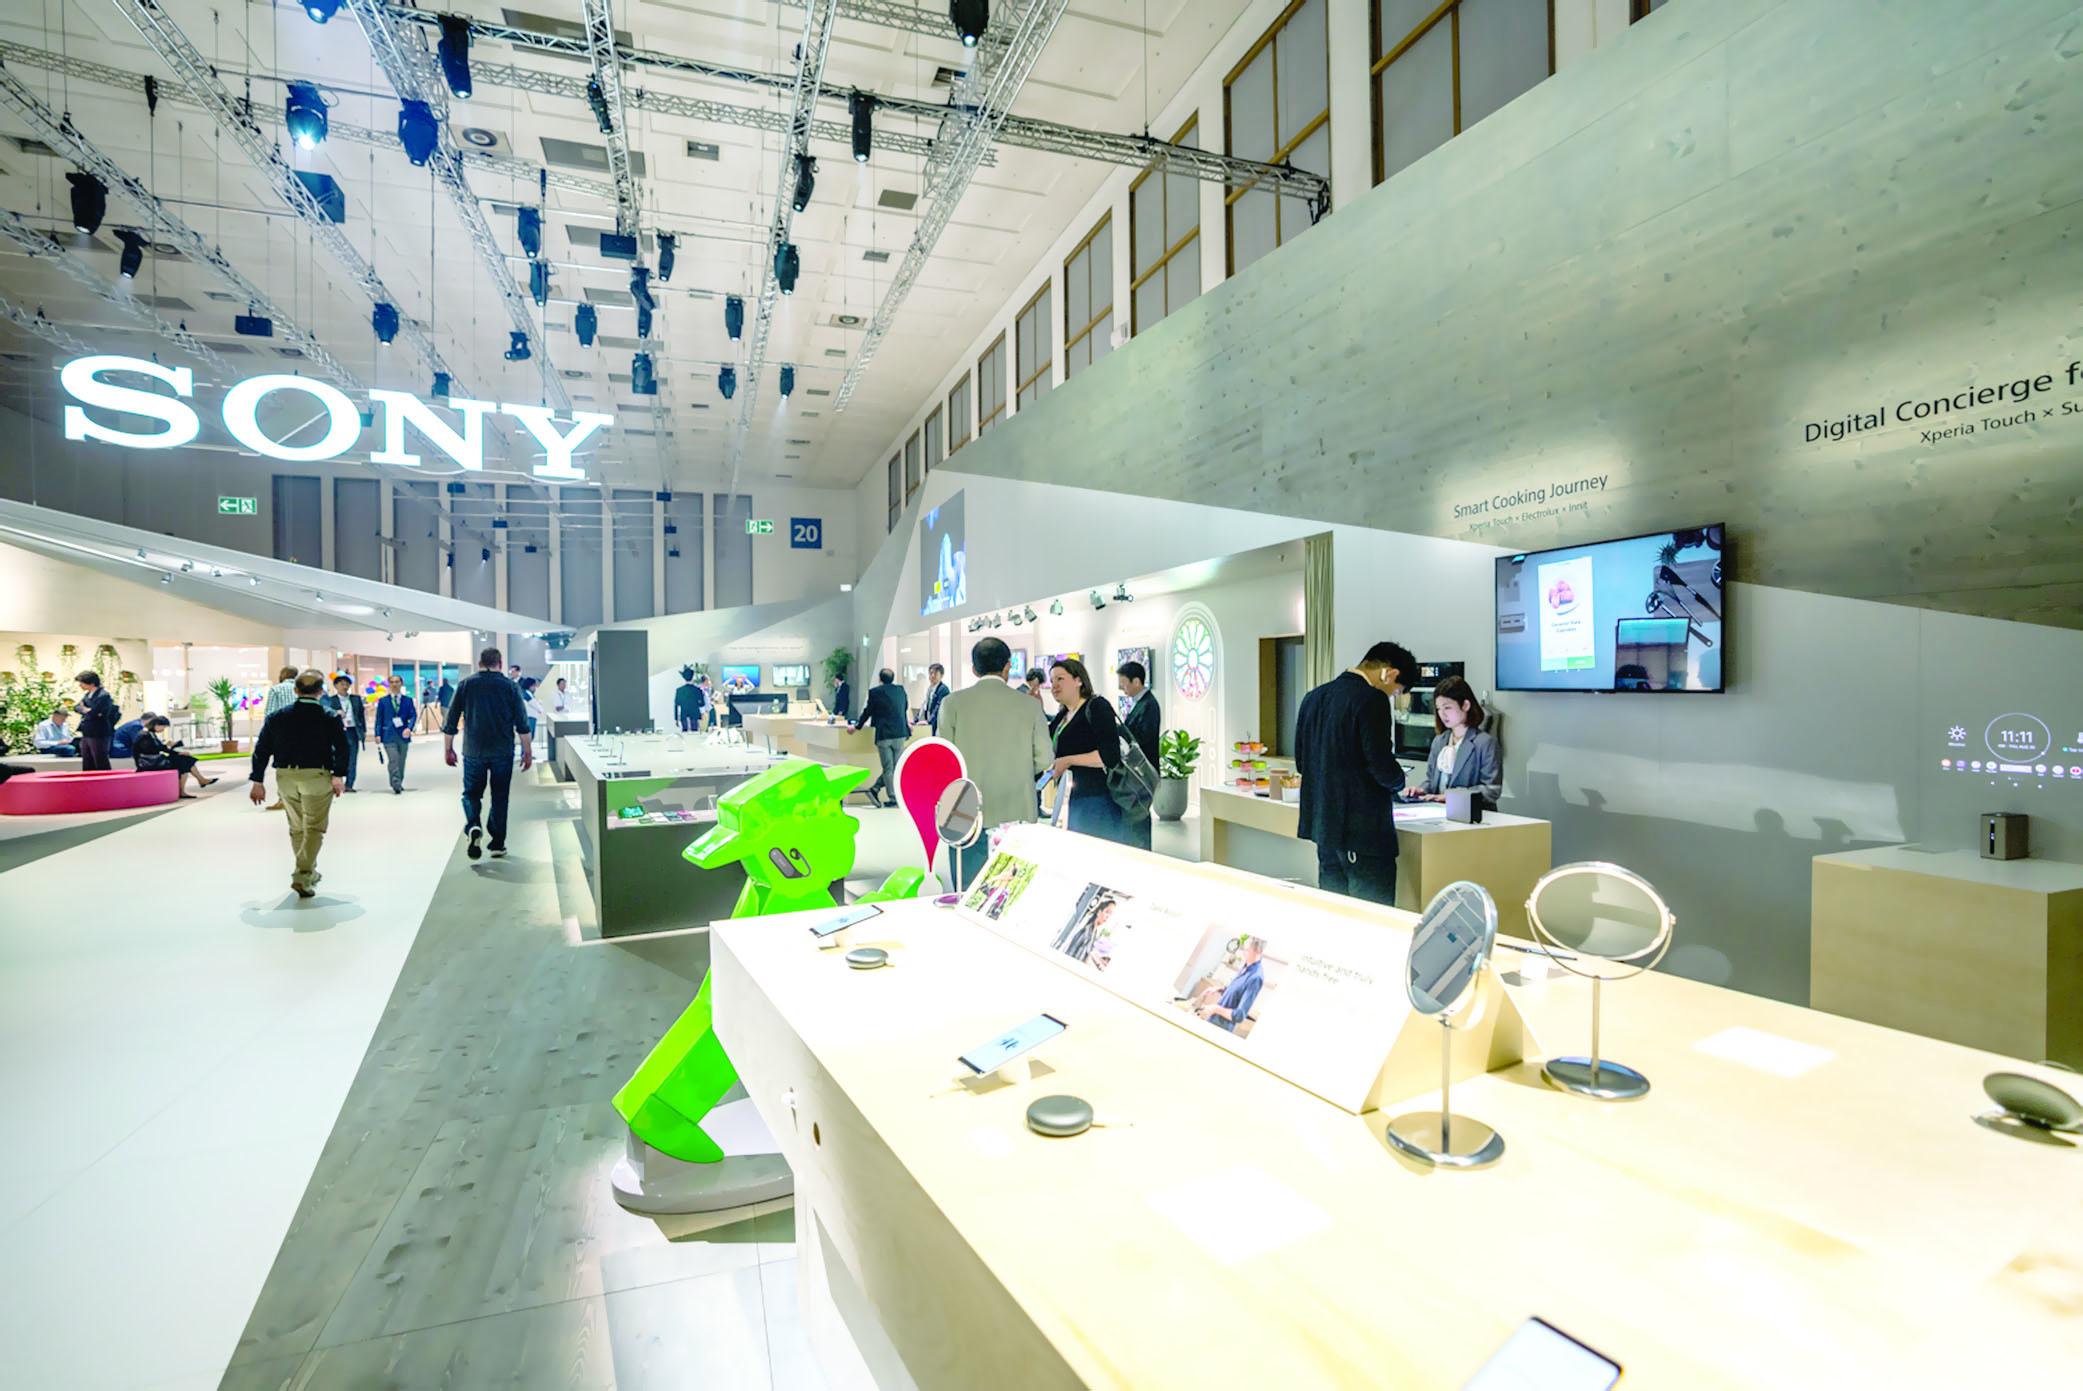 سوني تطرح منتجات جديدة في IFA